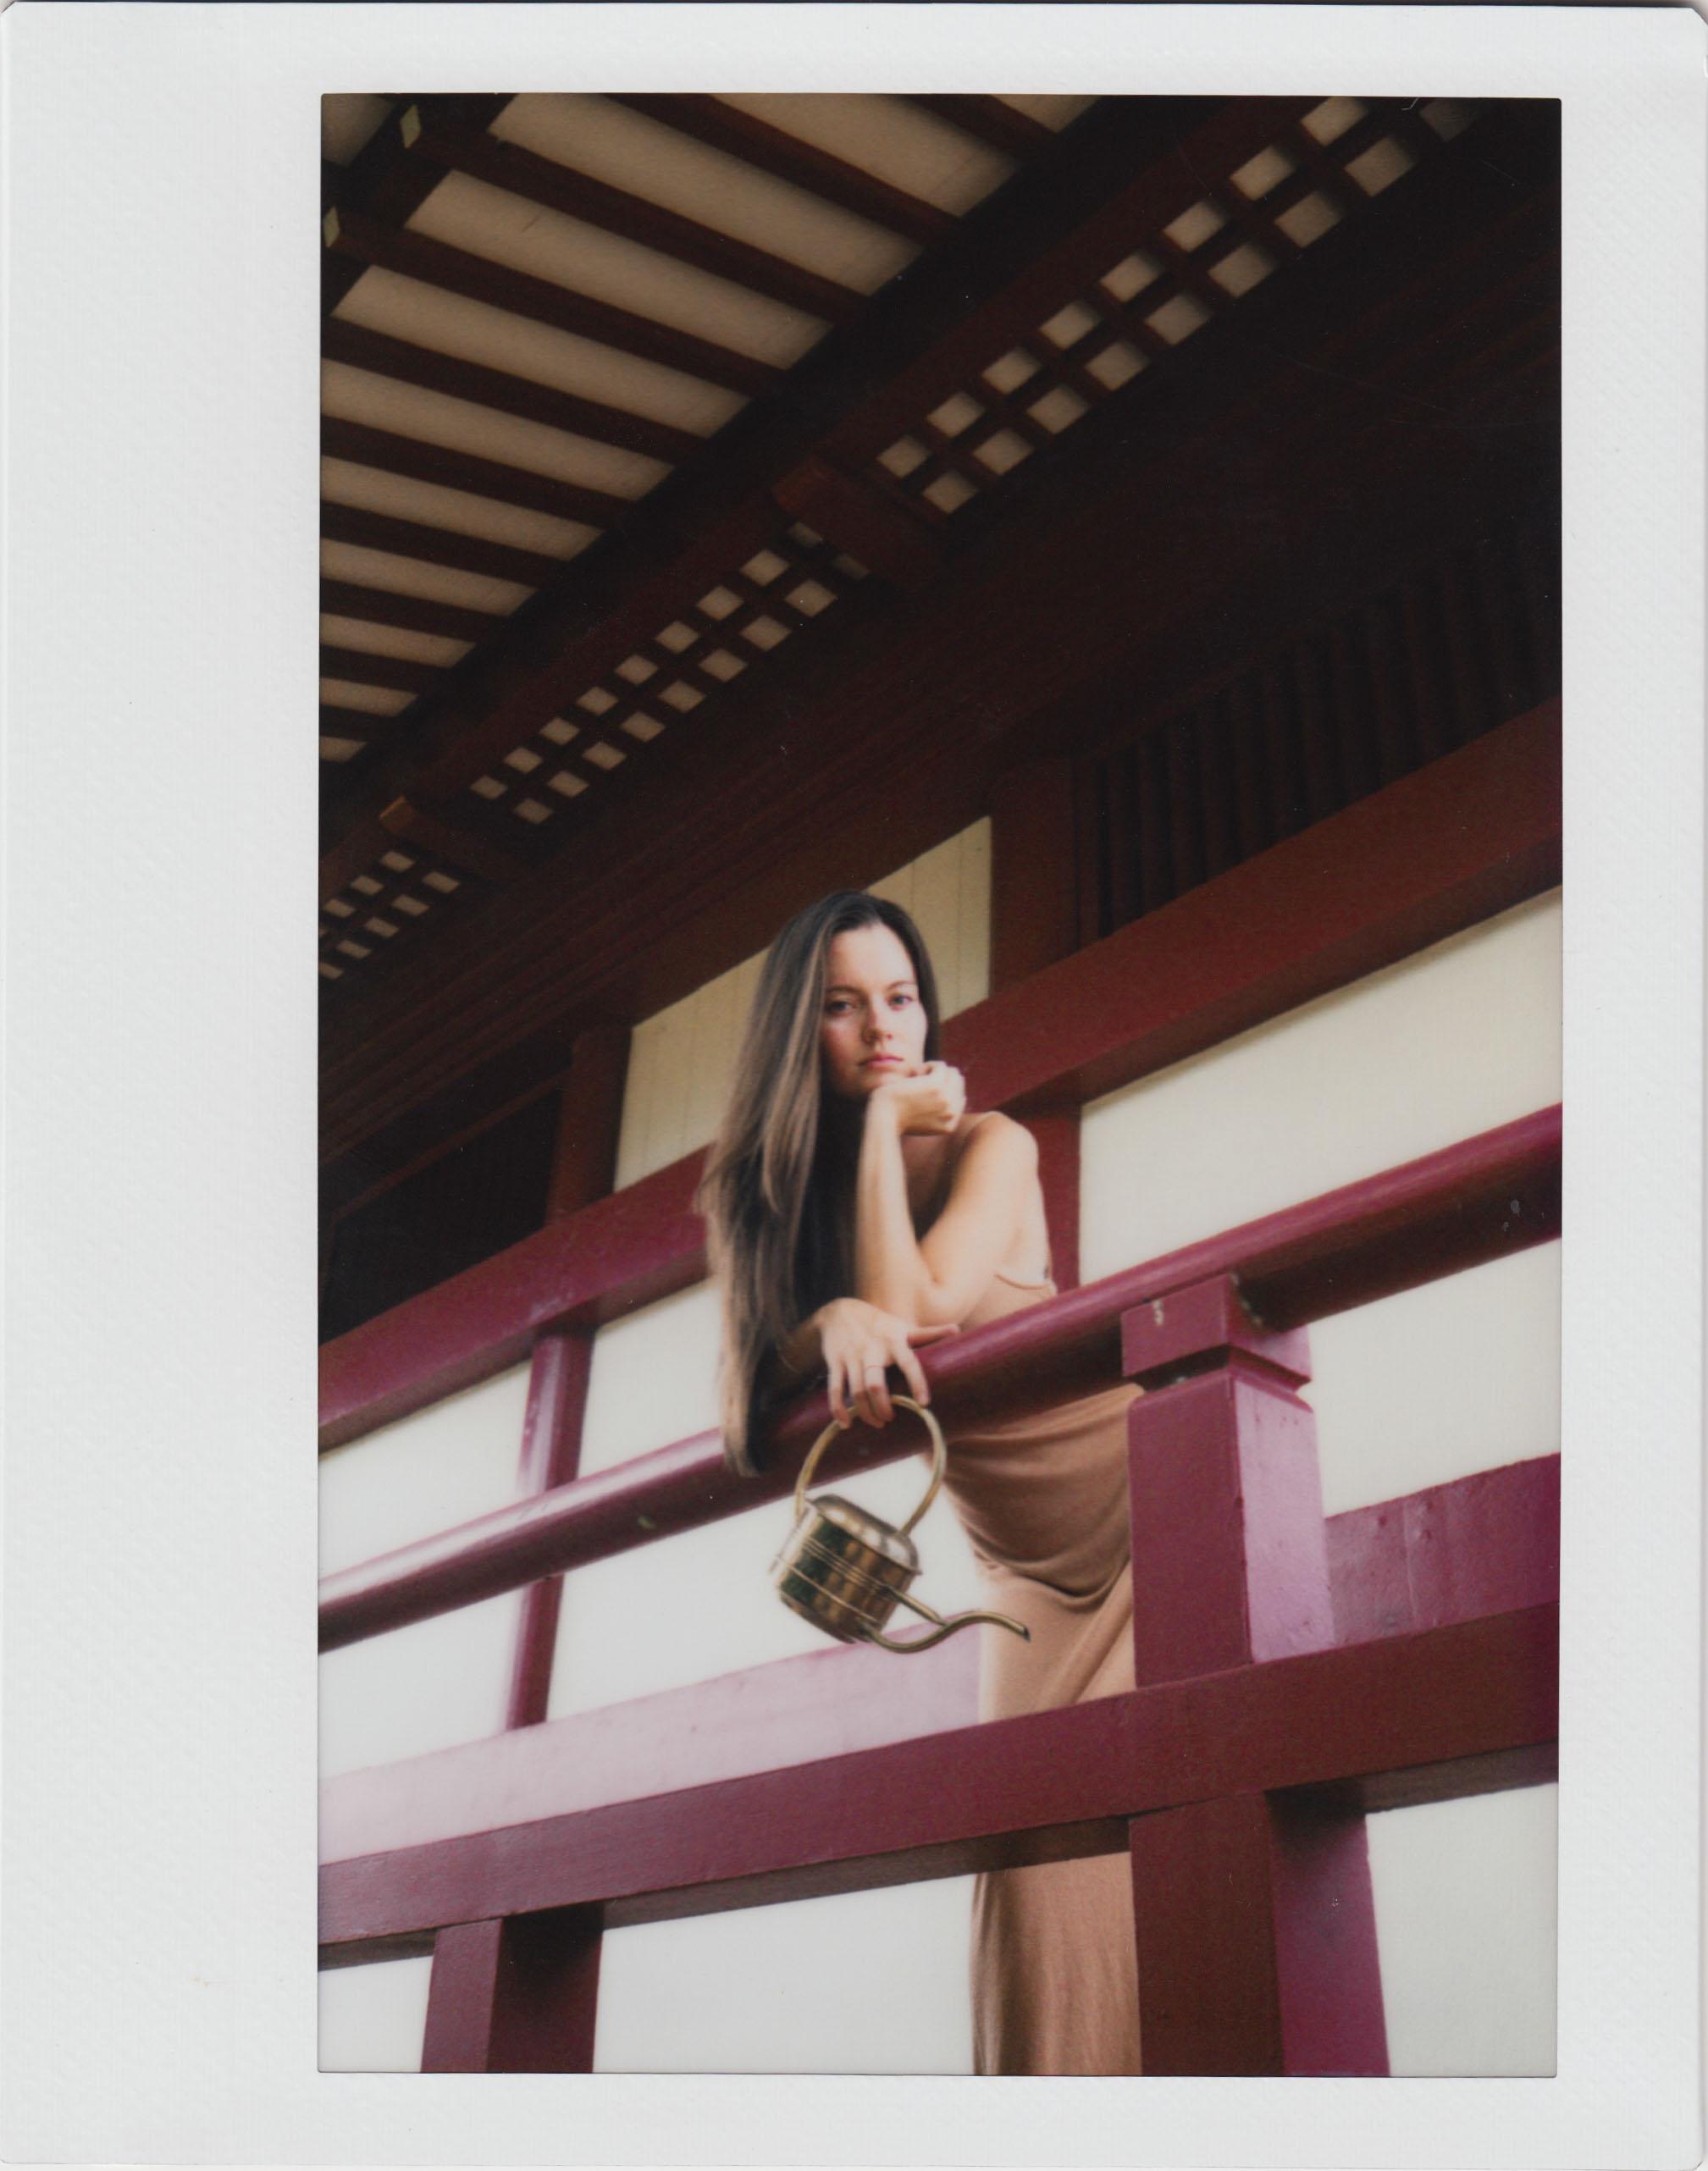 Jessye-9.jpg